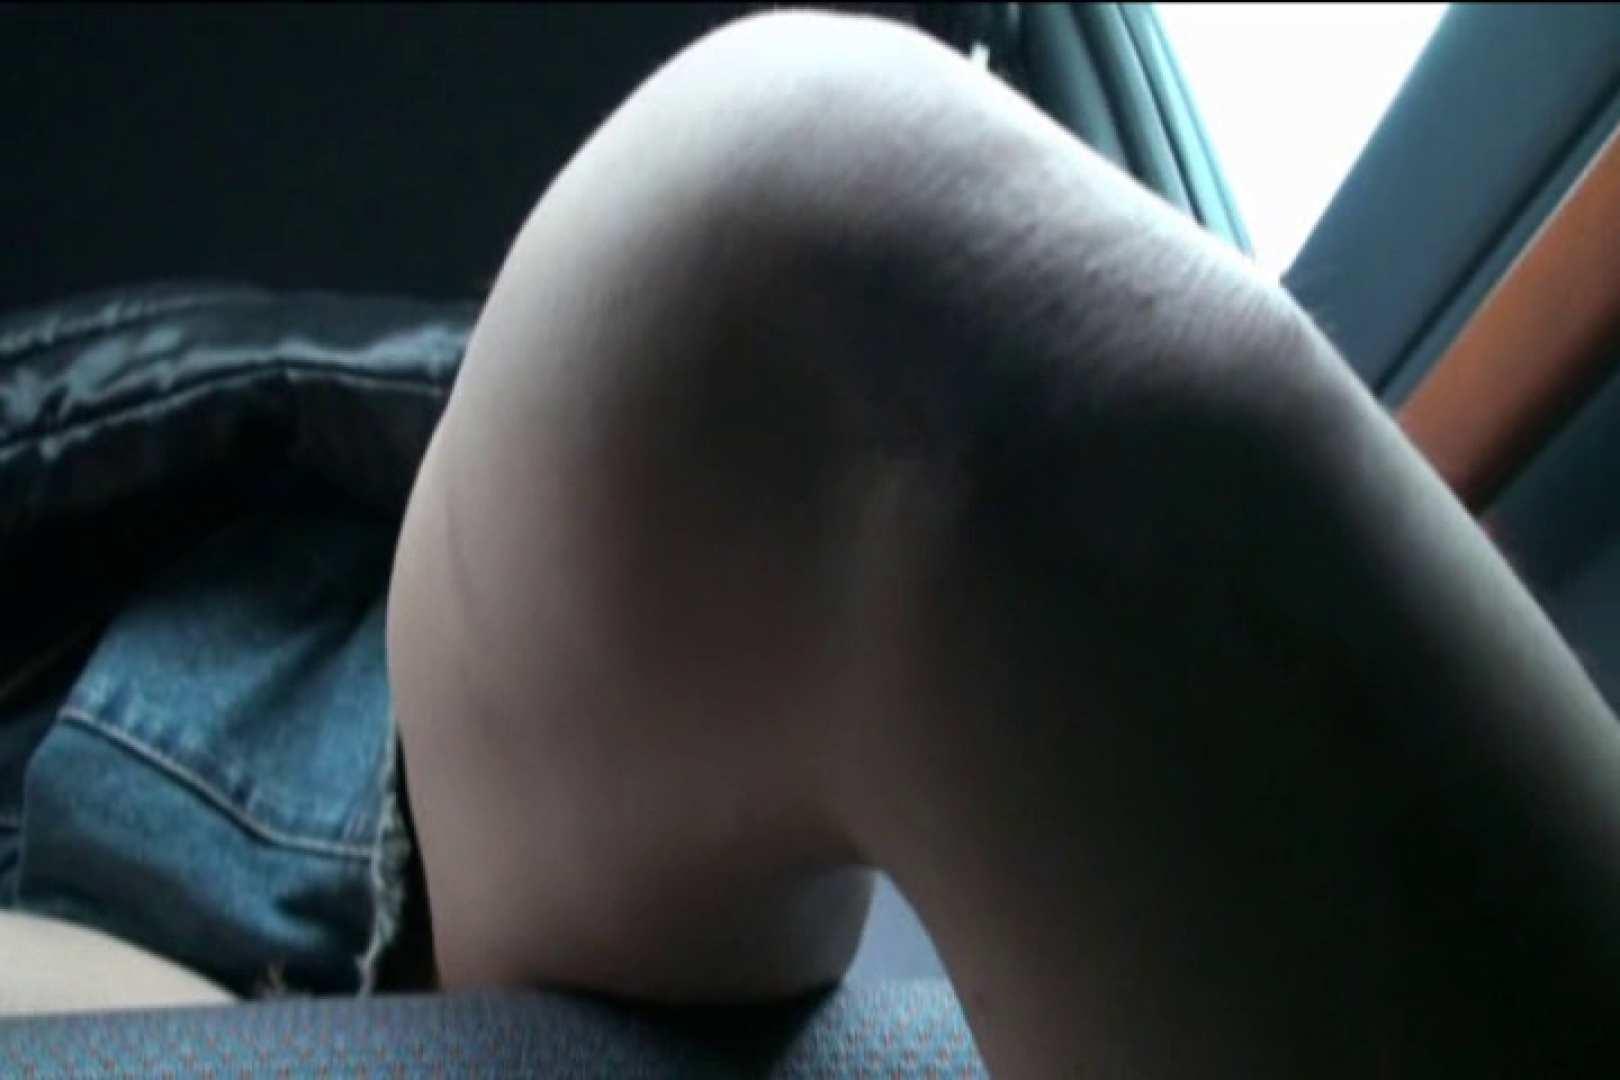 車内で初めまして! vol04 フェラ無修正 隠し撮りオマンコ動画紹介 71画像 67